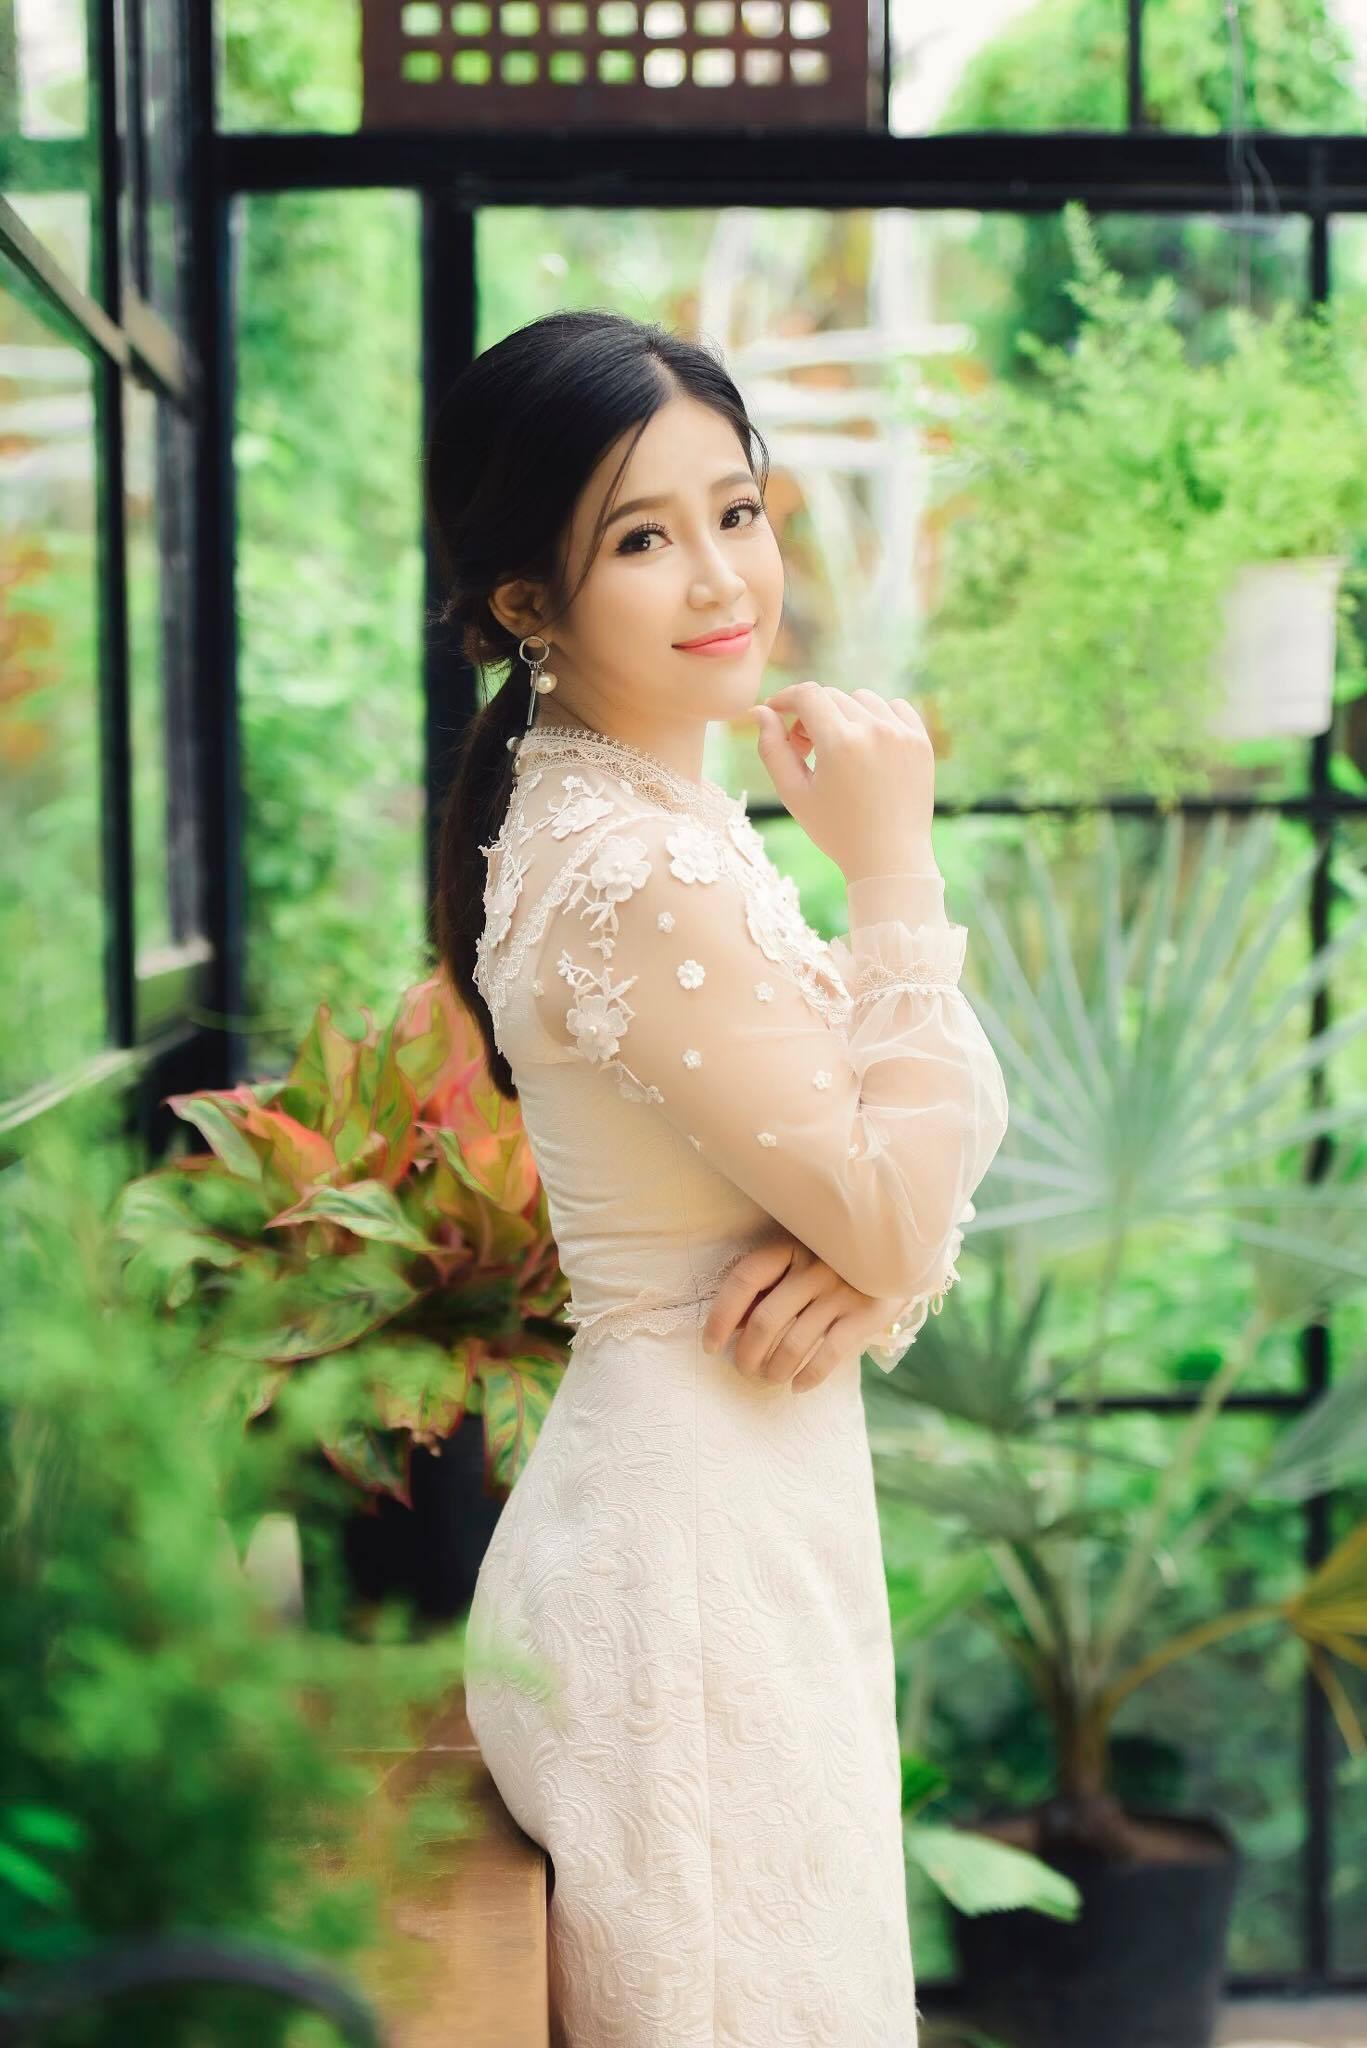 Hot girl Vì yêu mà đến tỏ tình thành công: Mình và anh Quang Bảo hạn chế gặp mặt nhưng luôn tạo bất ngờ - Ảnh 5.